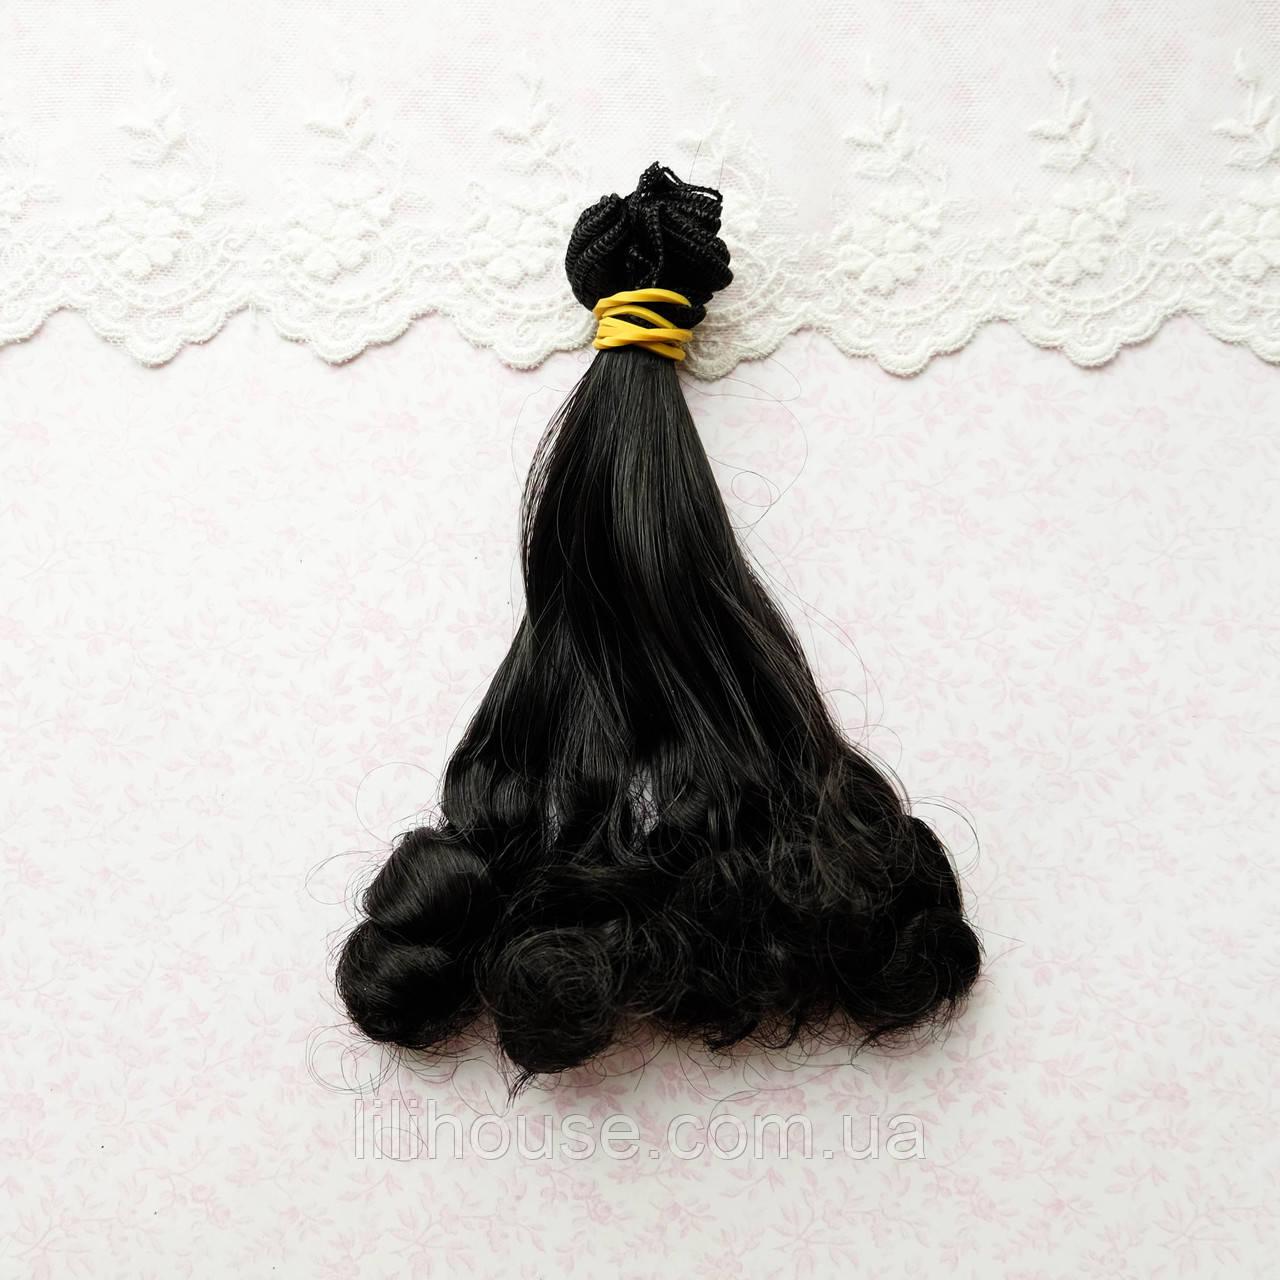 Волосы для Кукол Трессы Волна на Концах ХОЛОДНЫЙ ЧЕРНЫЙ 15 см